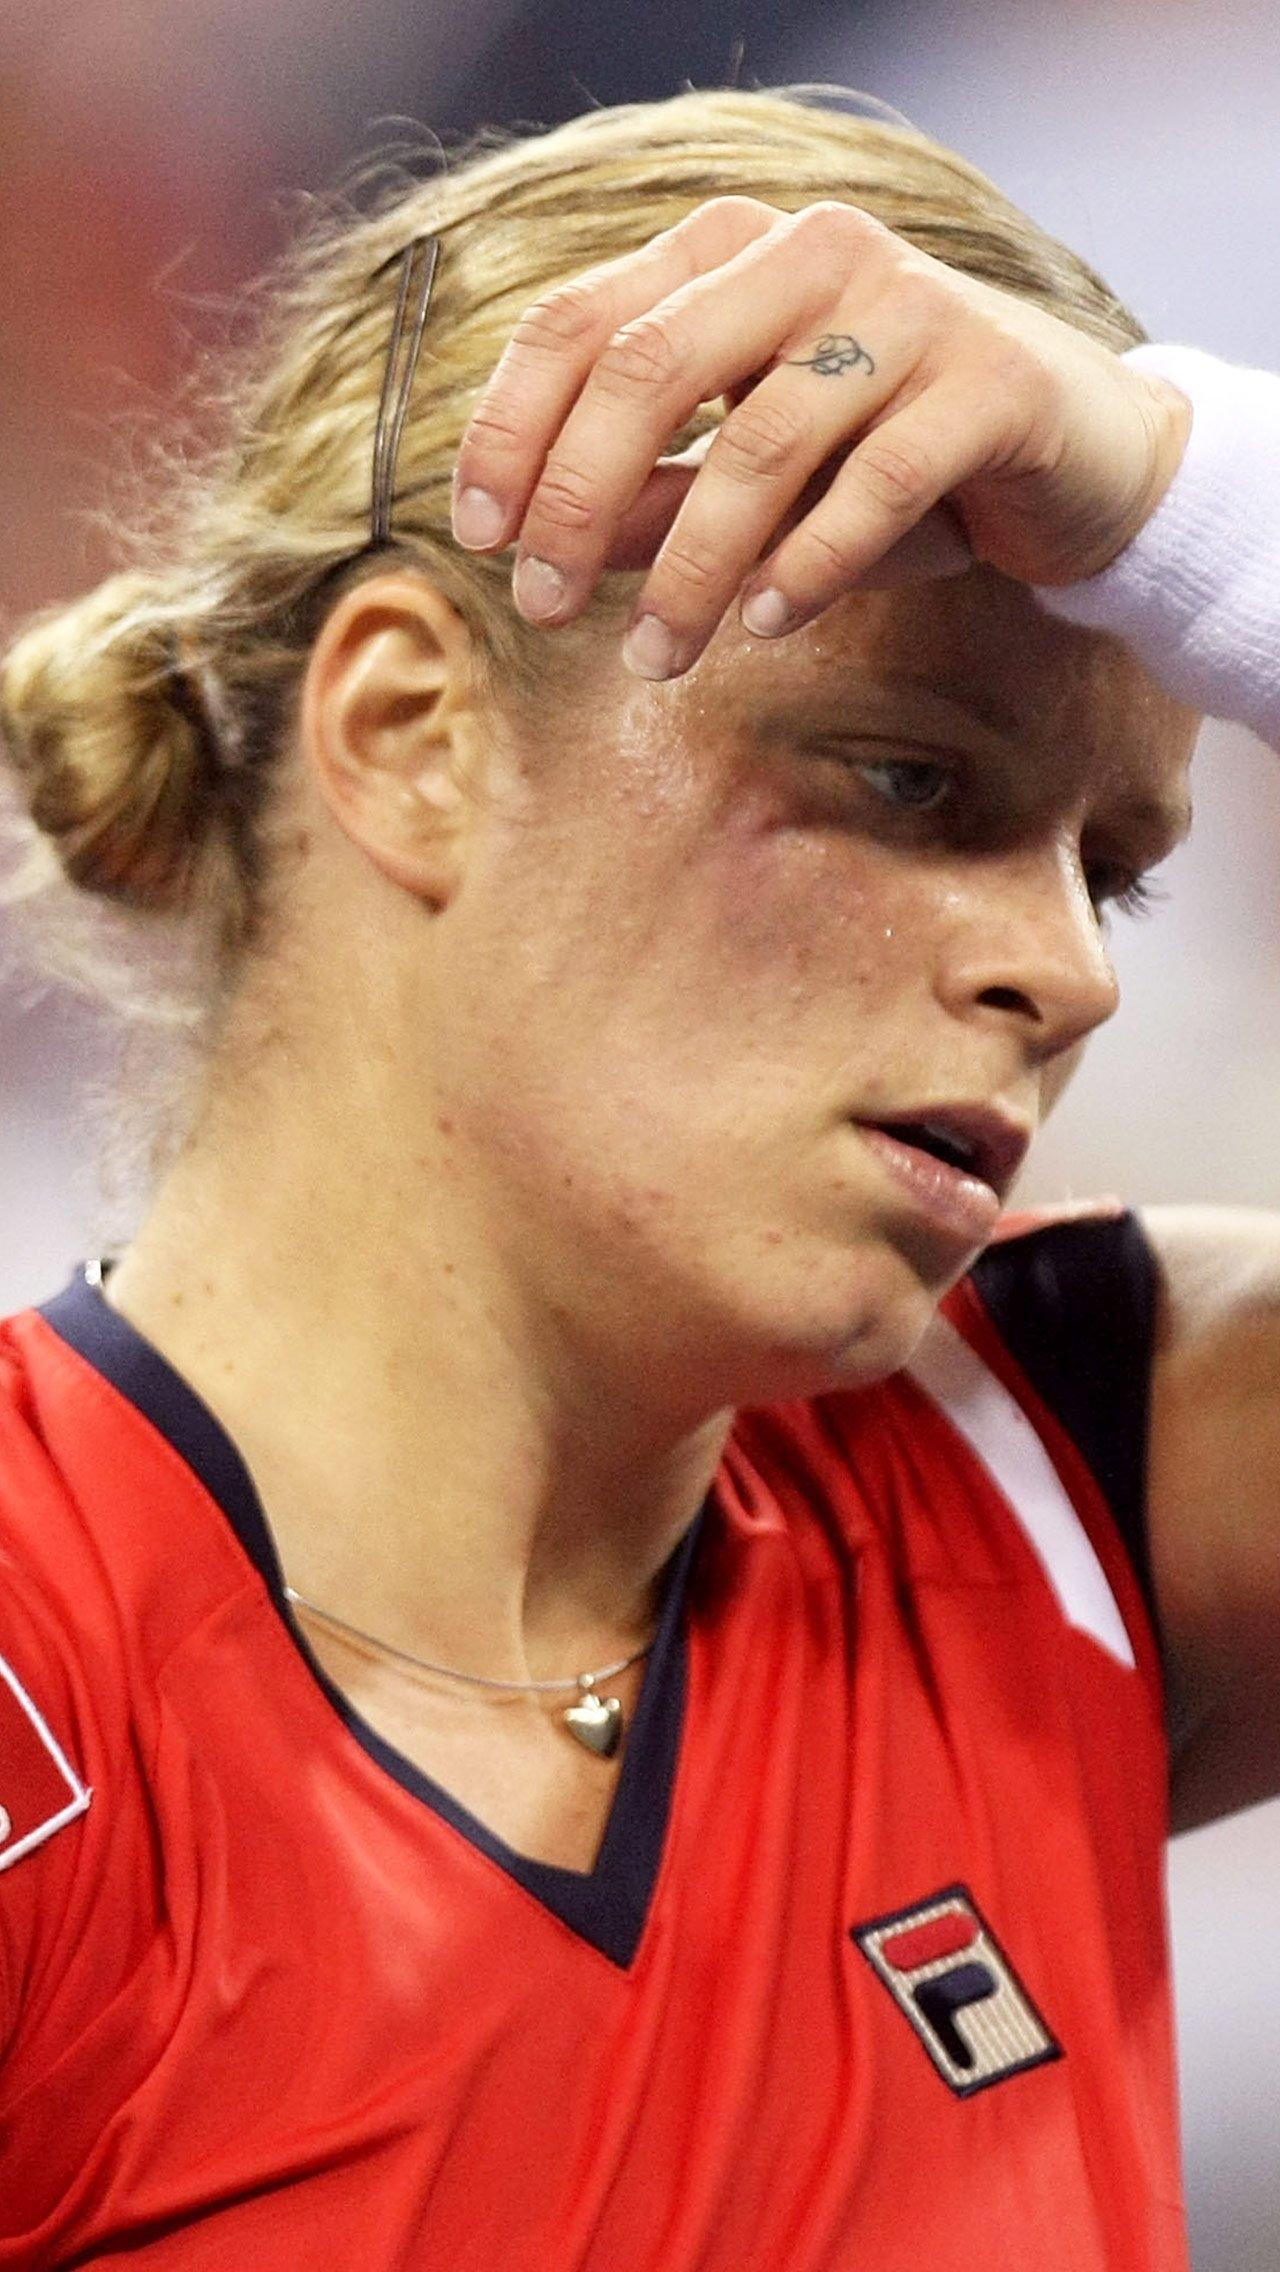 За второе предупреждение с американки сняли очко, матч на этом закончился, и ей начислили штраф $ 82 тыс.